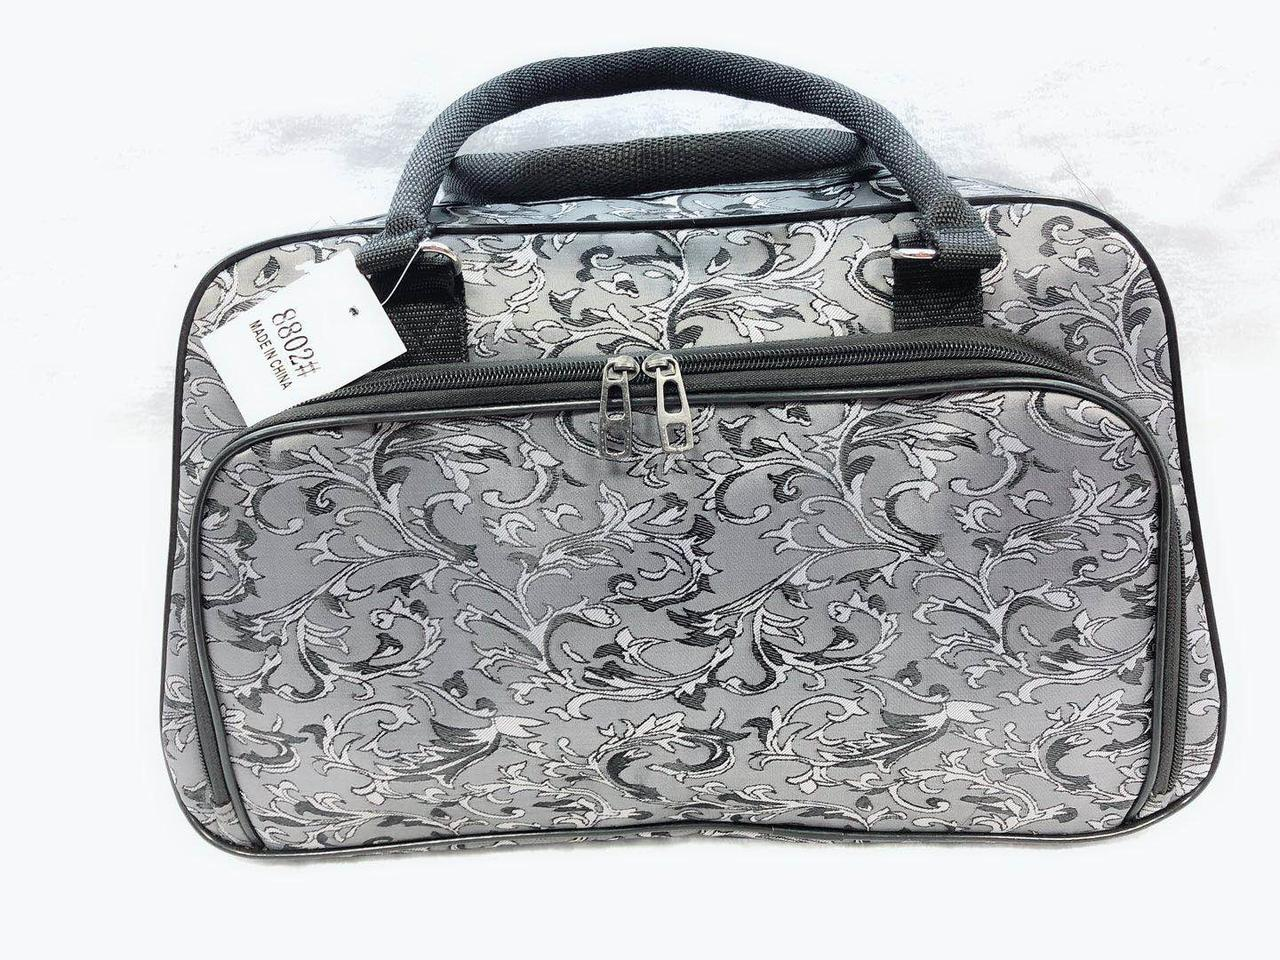 Непромокаємий текстильна жіноча дорожня сумка-саквояж мала сірого кольору